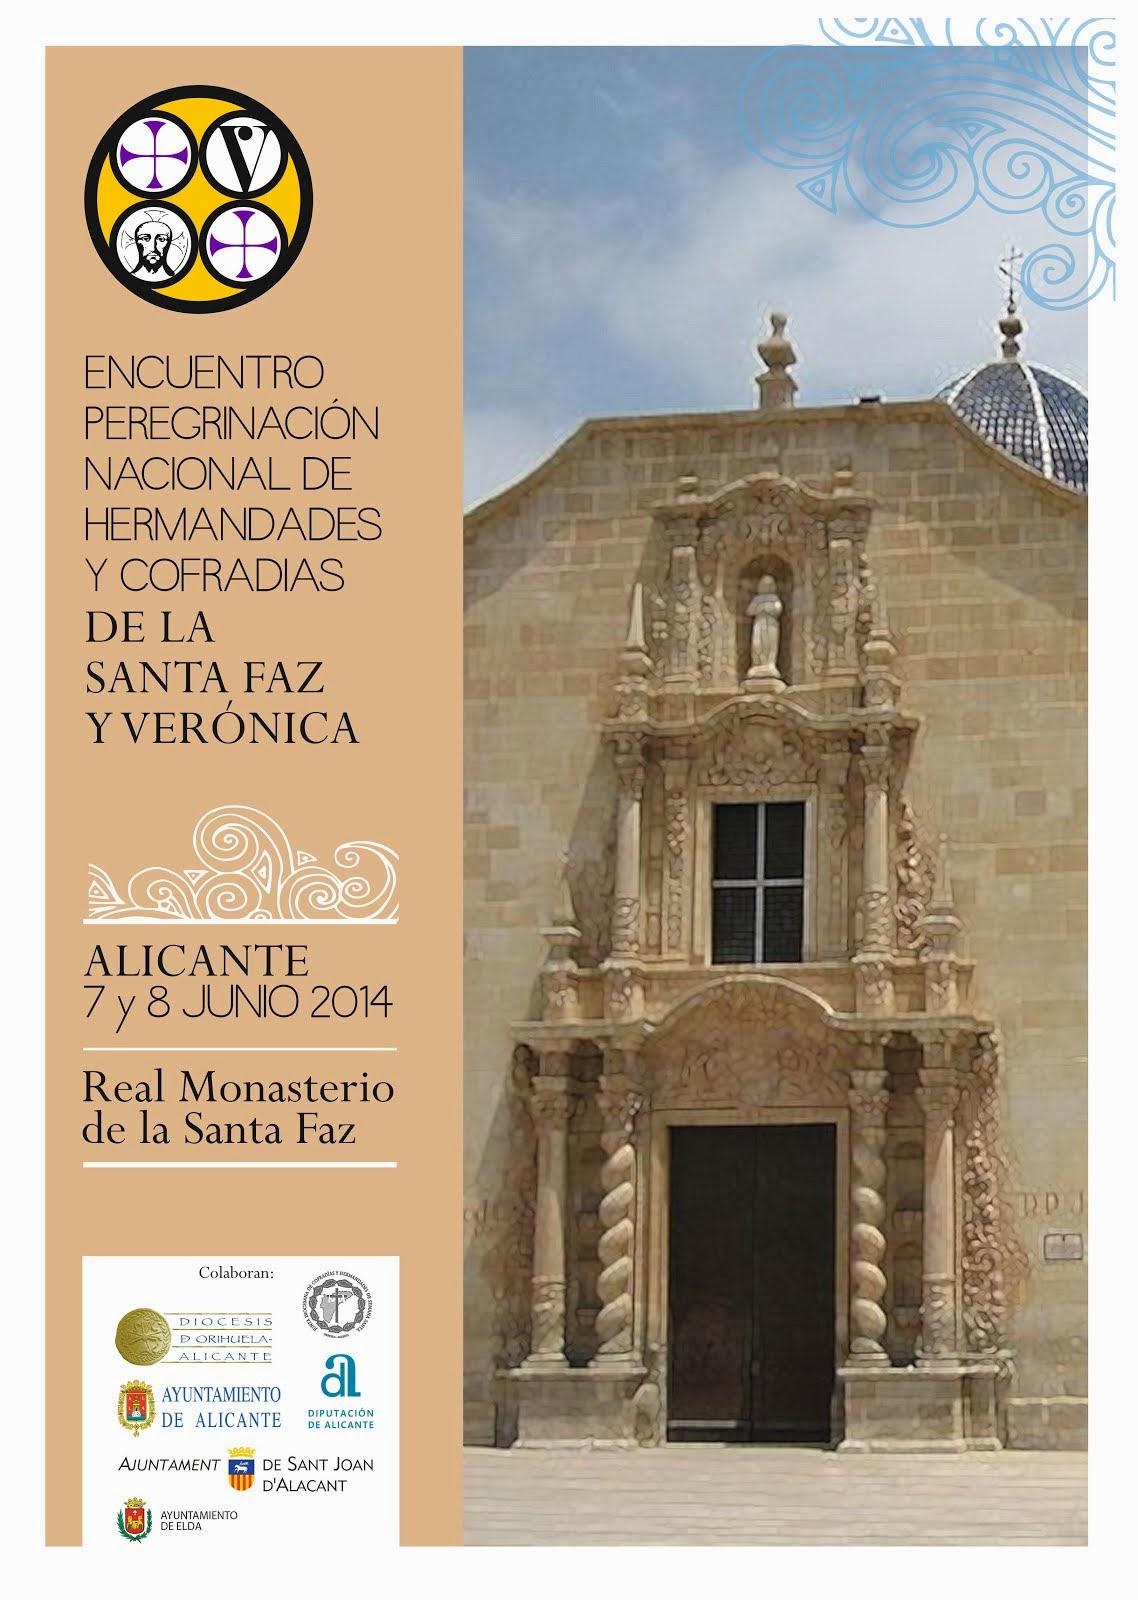 Cartel Encuentro Peregrinacion Santa Faz  y Veronica